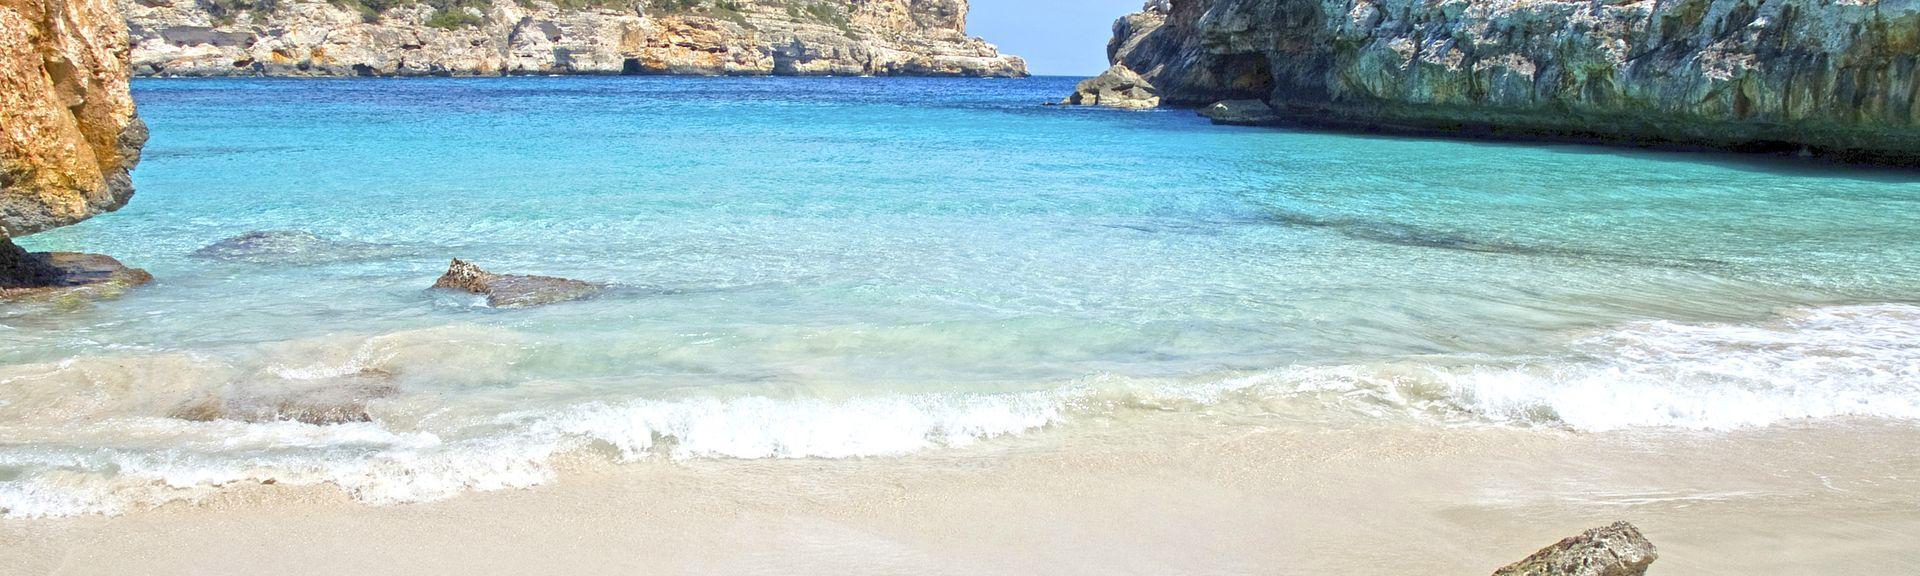 Cala Sa Nau, Felanitx, Balearic Islands, Spain